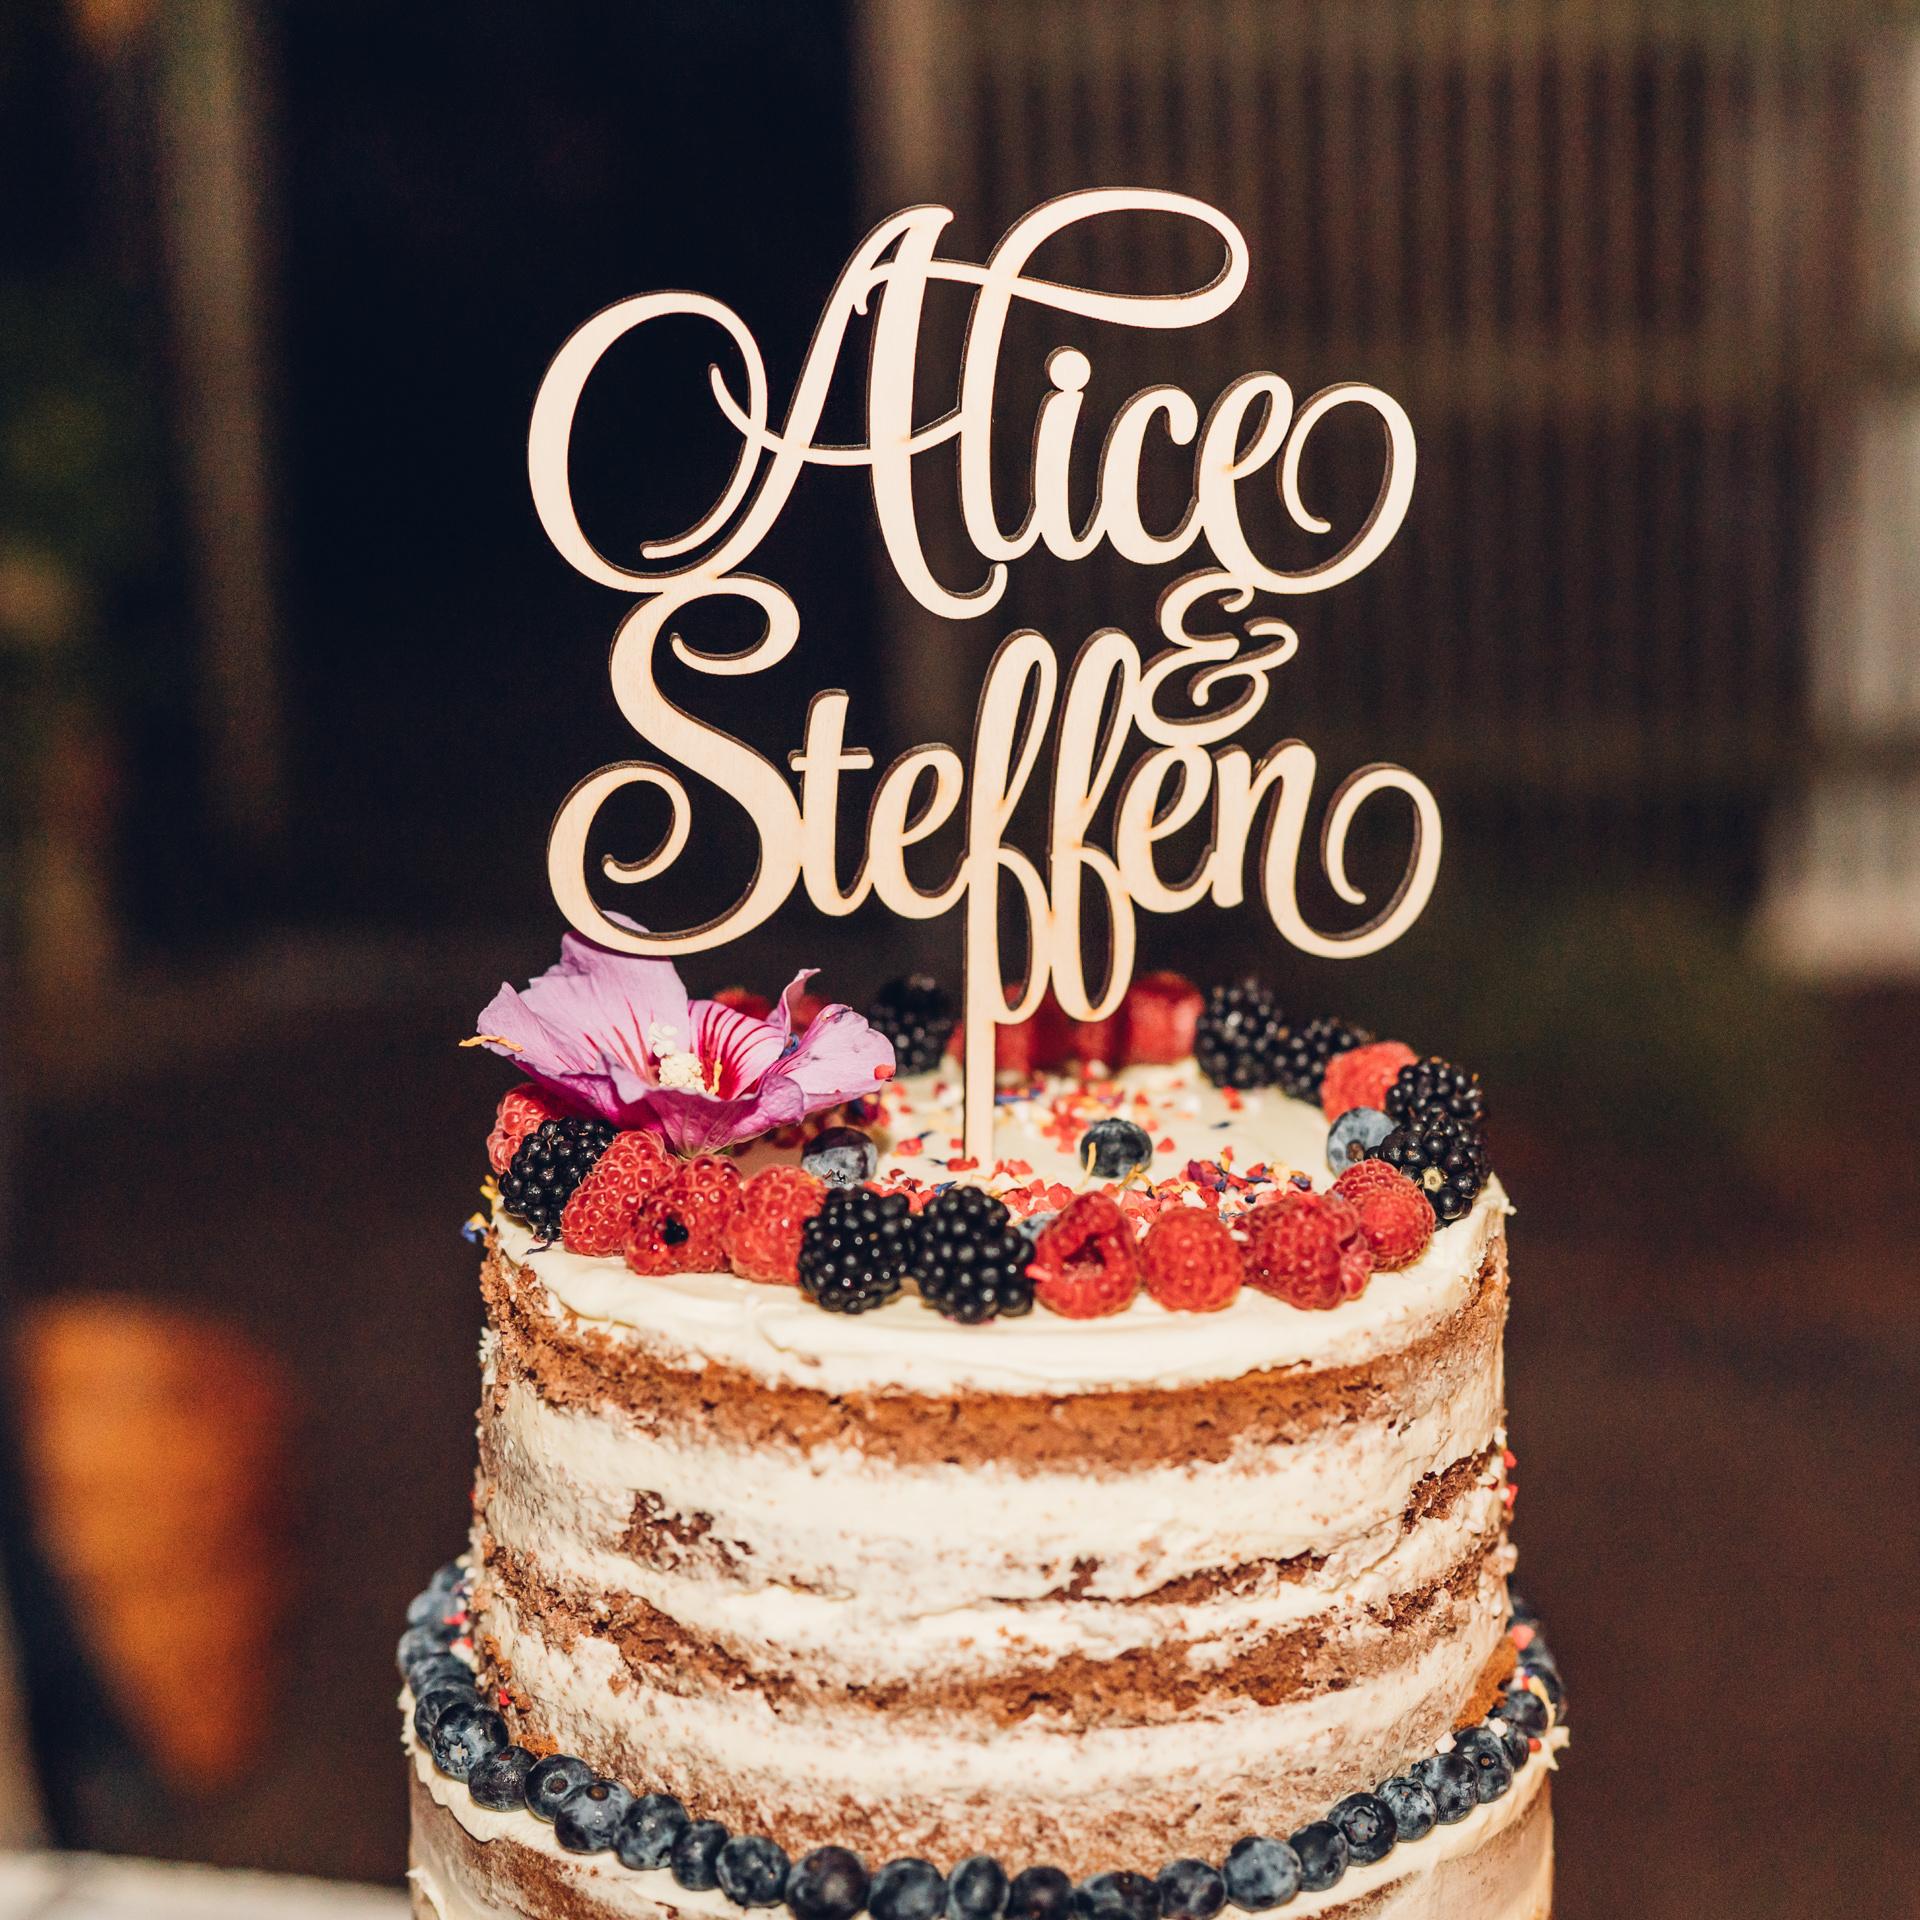 Torte Holzschrift mit Namen